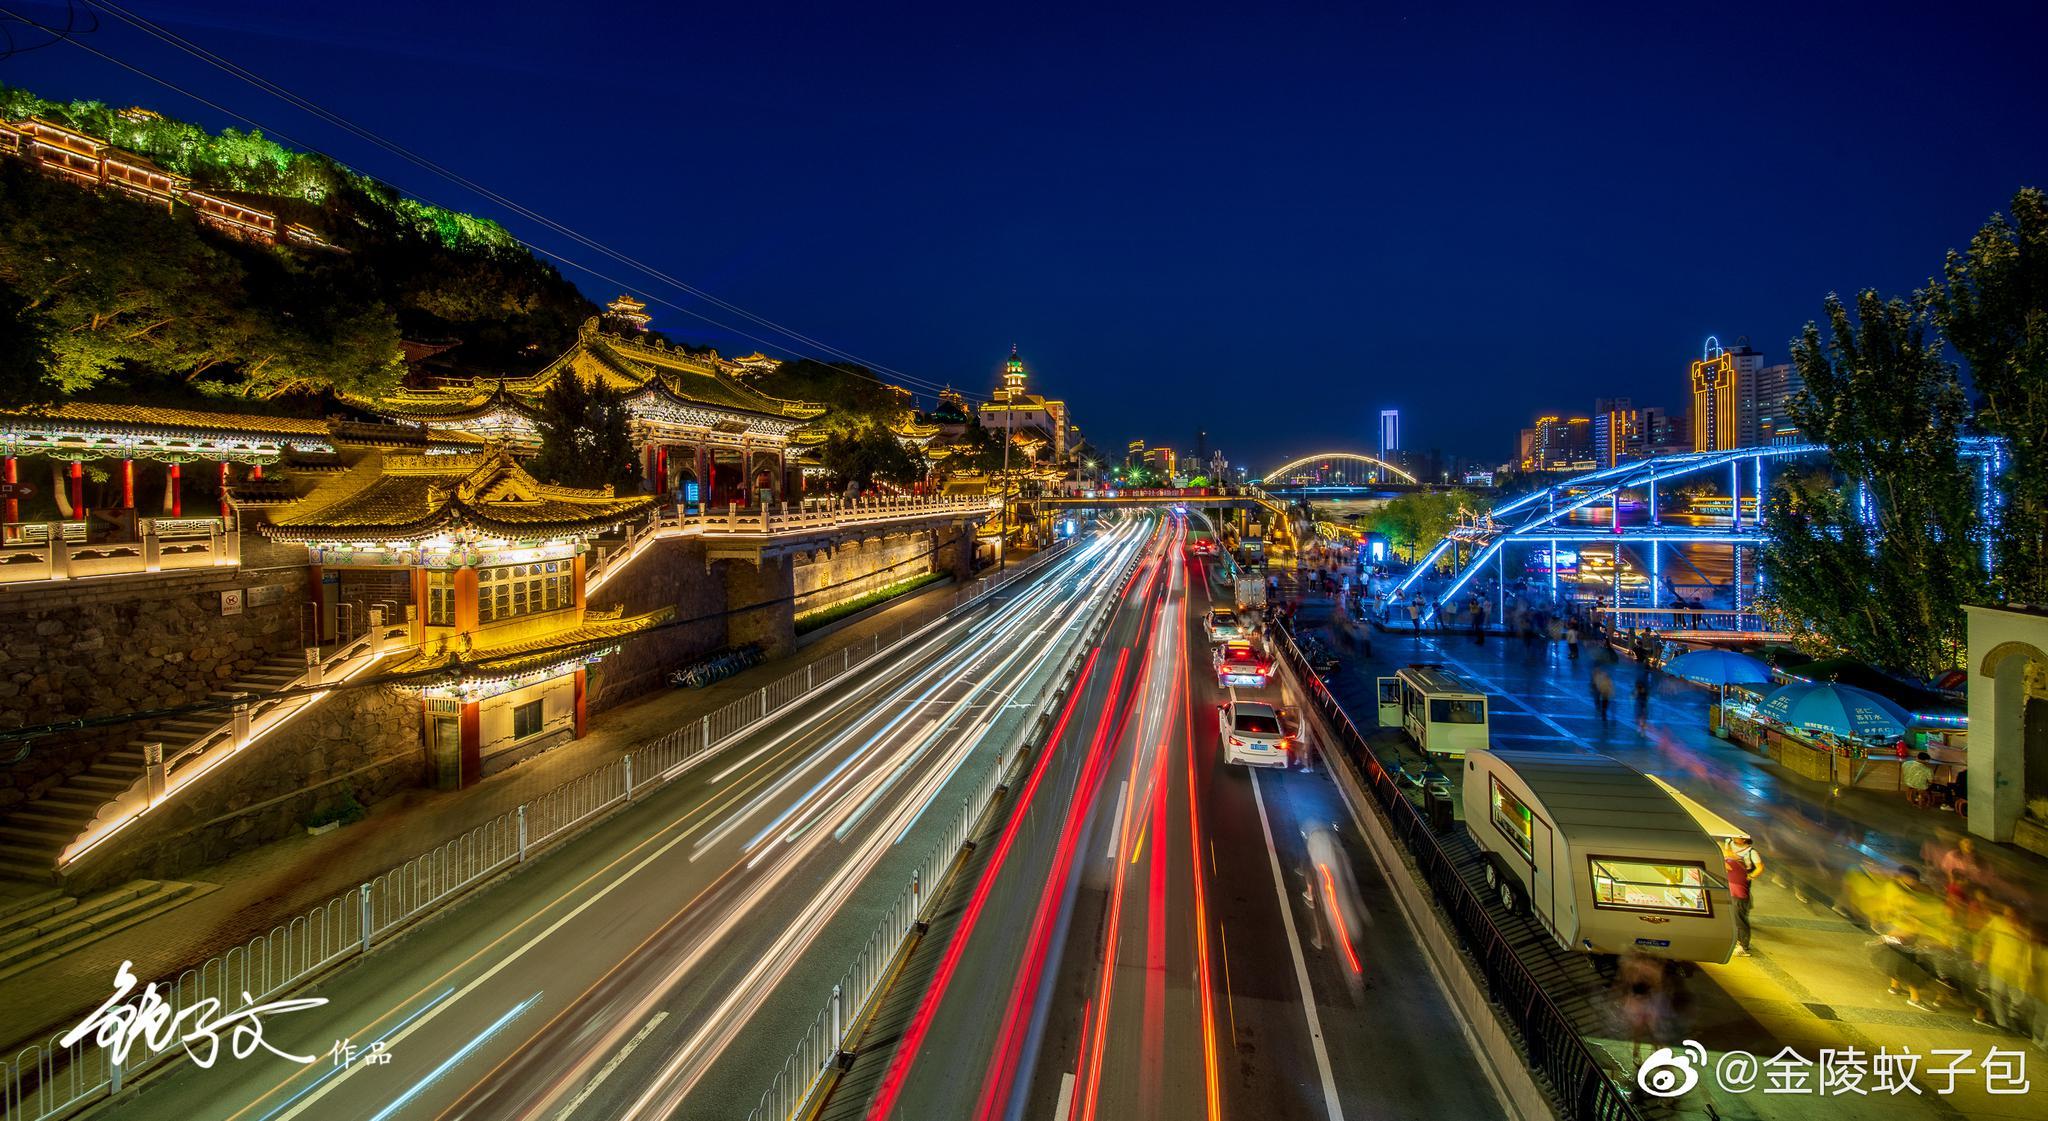 遇见兰州,最美夜景@微游甘肃  @乐途旅游网官方微博